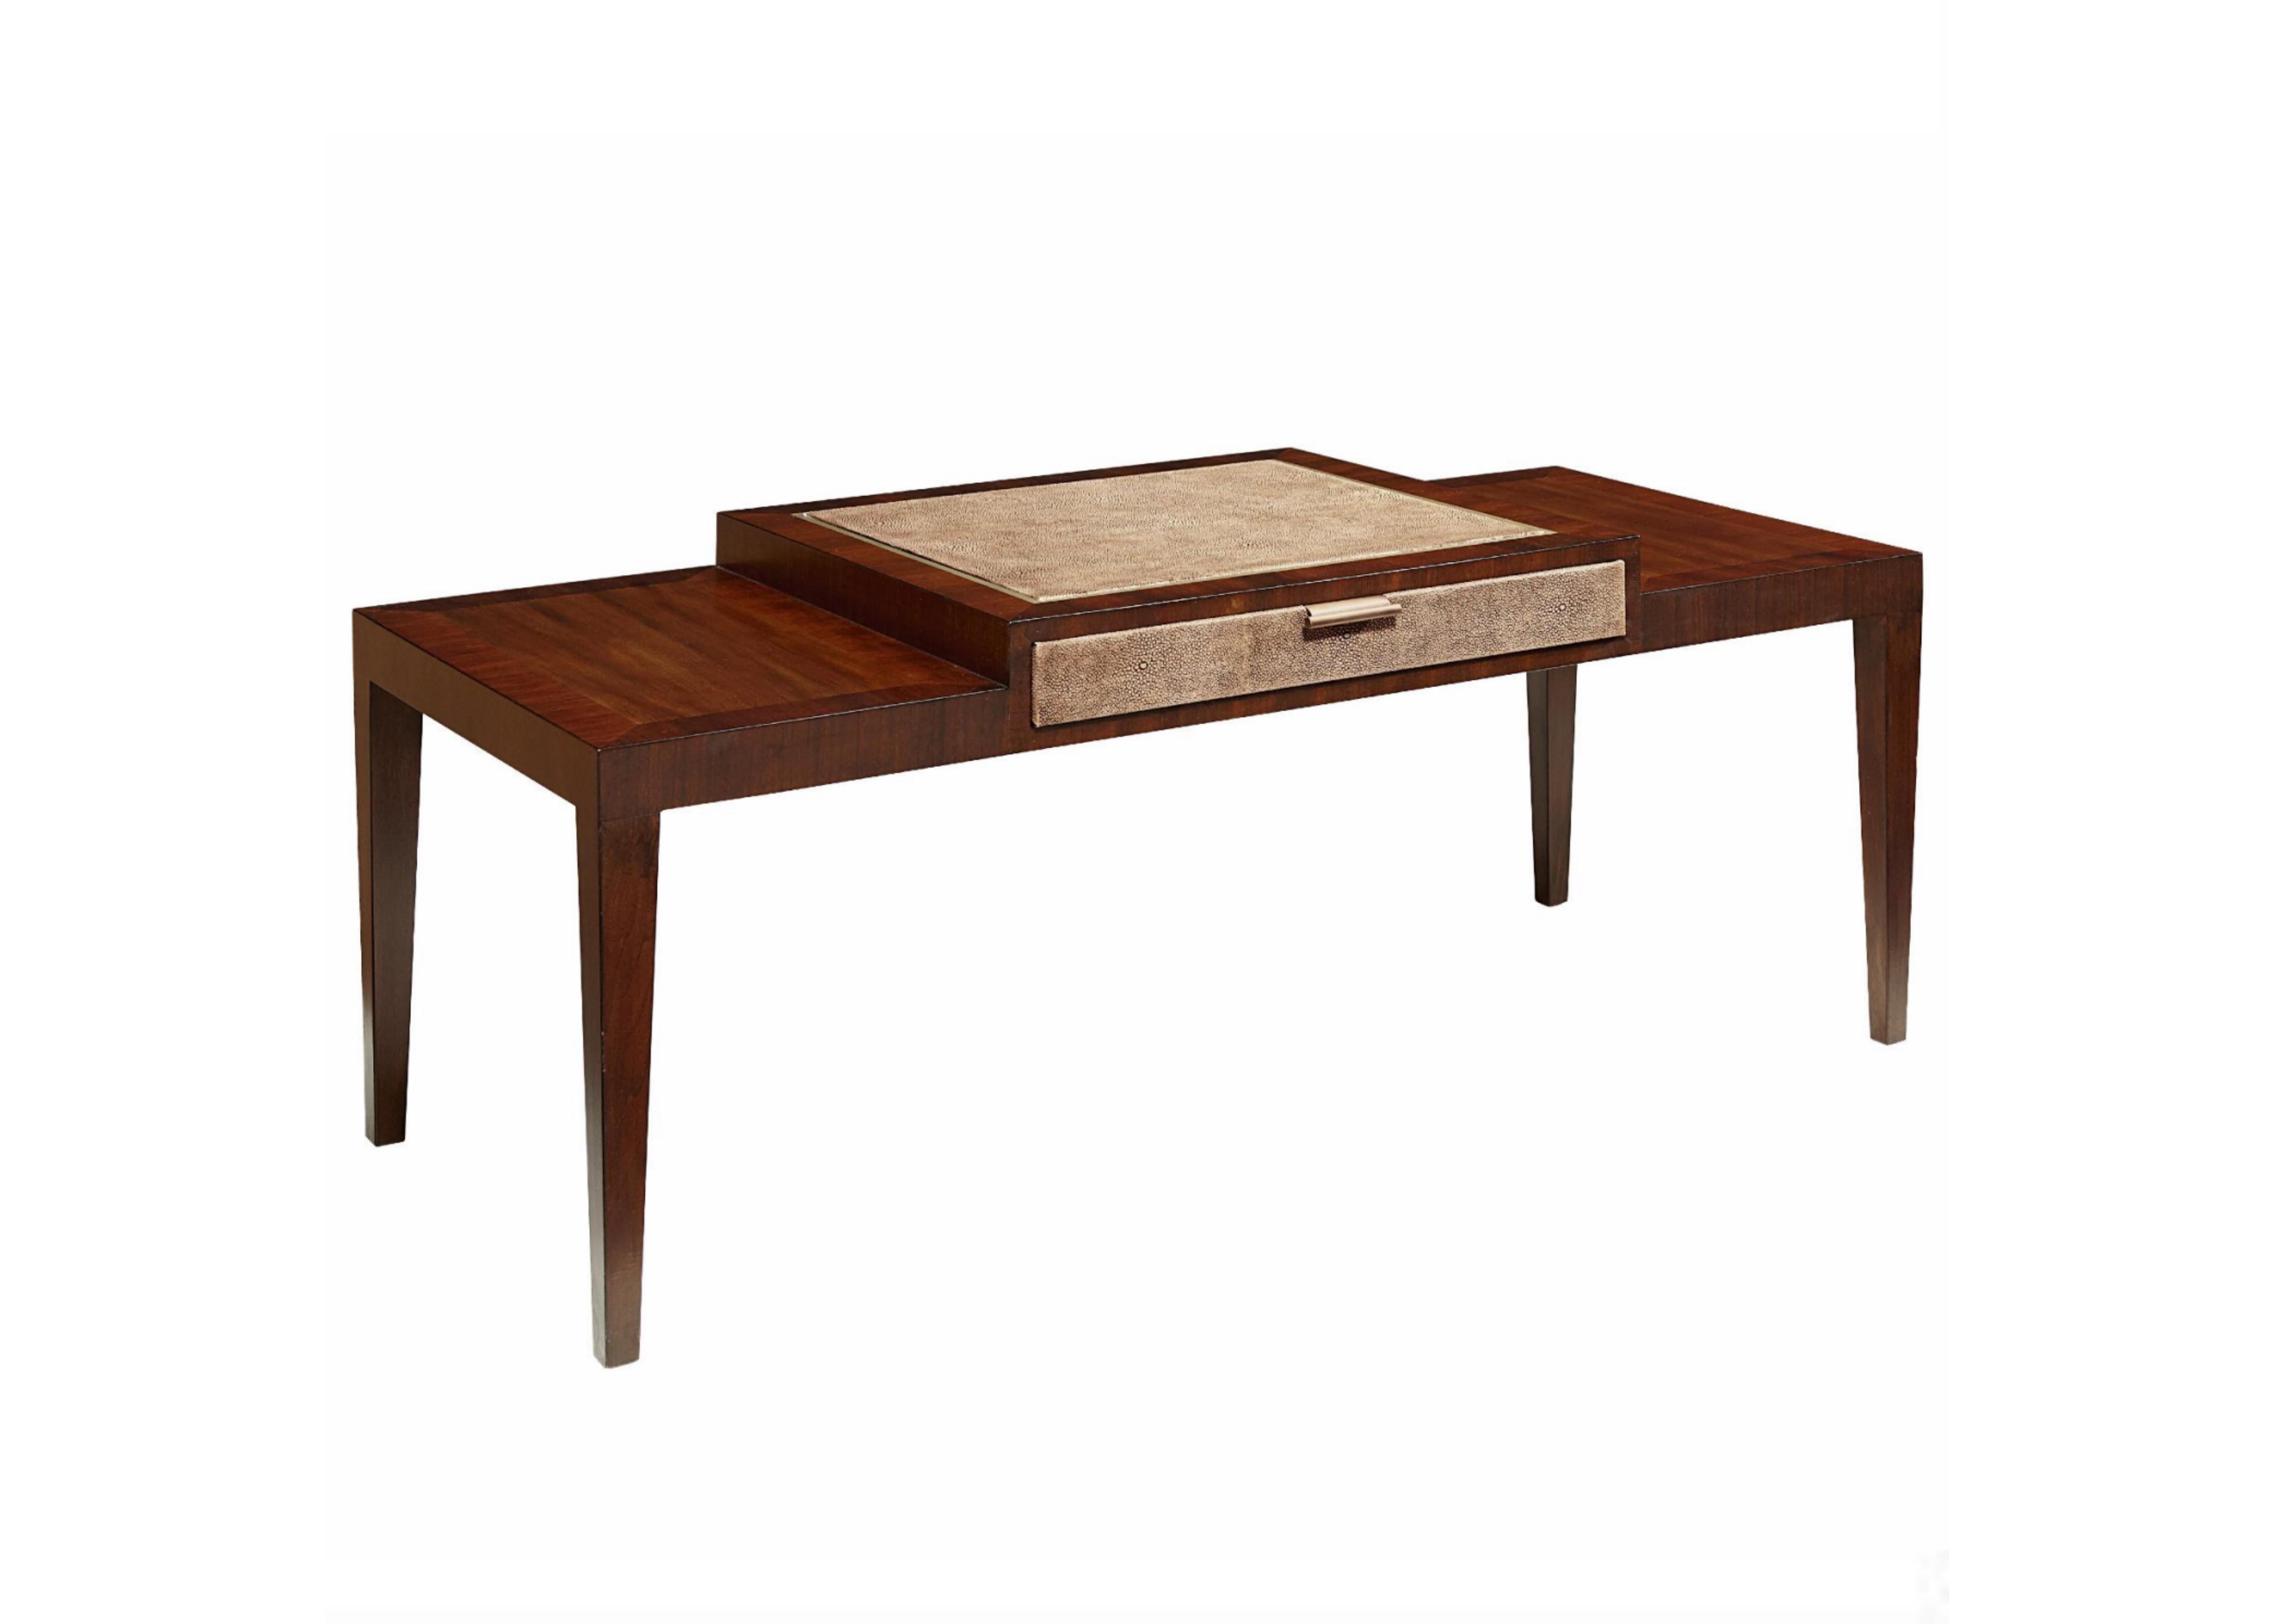 Стол журнальныйЖурнальные столики<br>Стол имеет 1 выдвижной ящик, который выдвигается с двух сторон. Отделка - кожа ската.<br><br>Material: Дерево<br>Ширина см: 127<br>Высота см: 45<br>Глубина см: 56